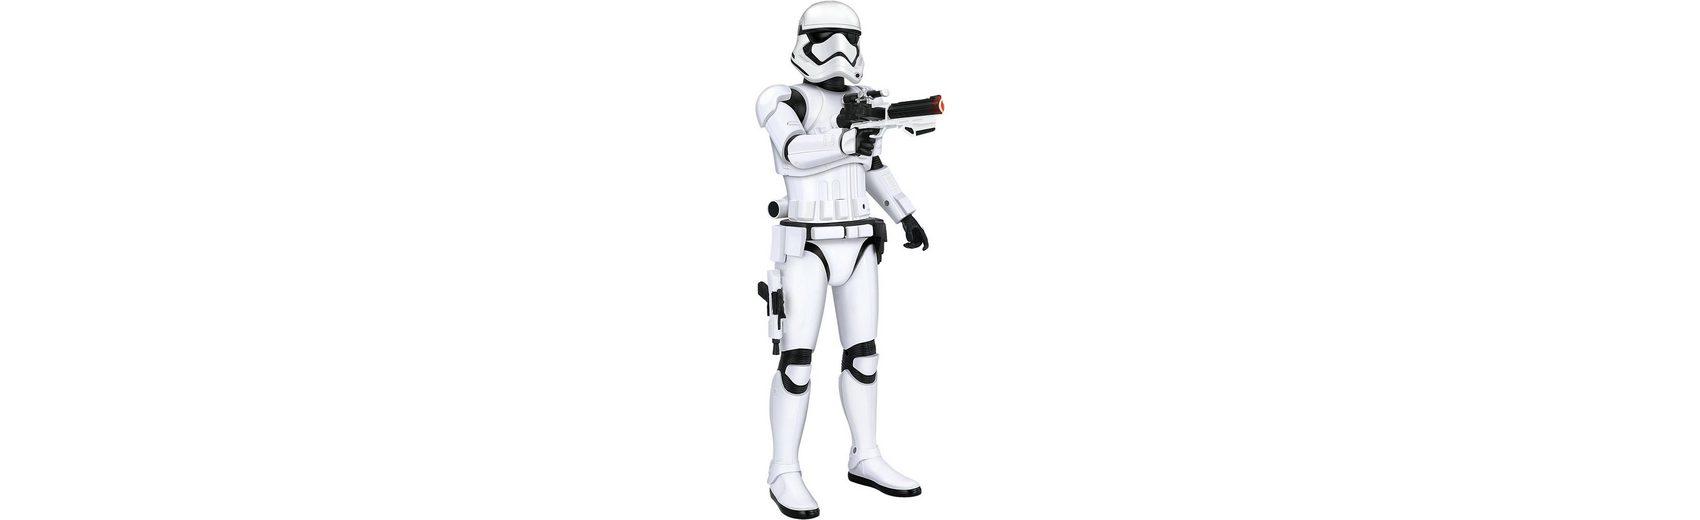 MTW Star Wars - Stormtrooper Roomguard